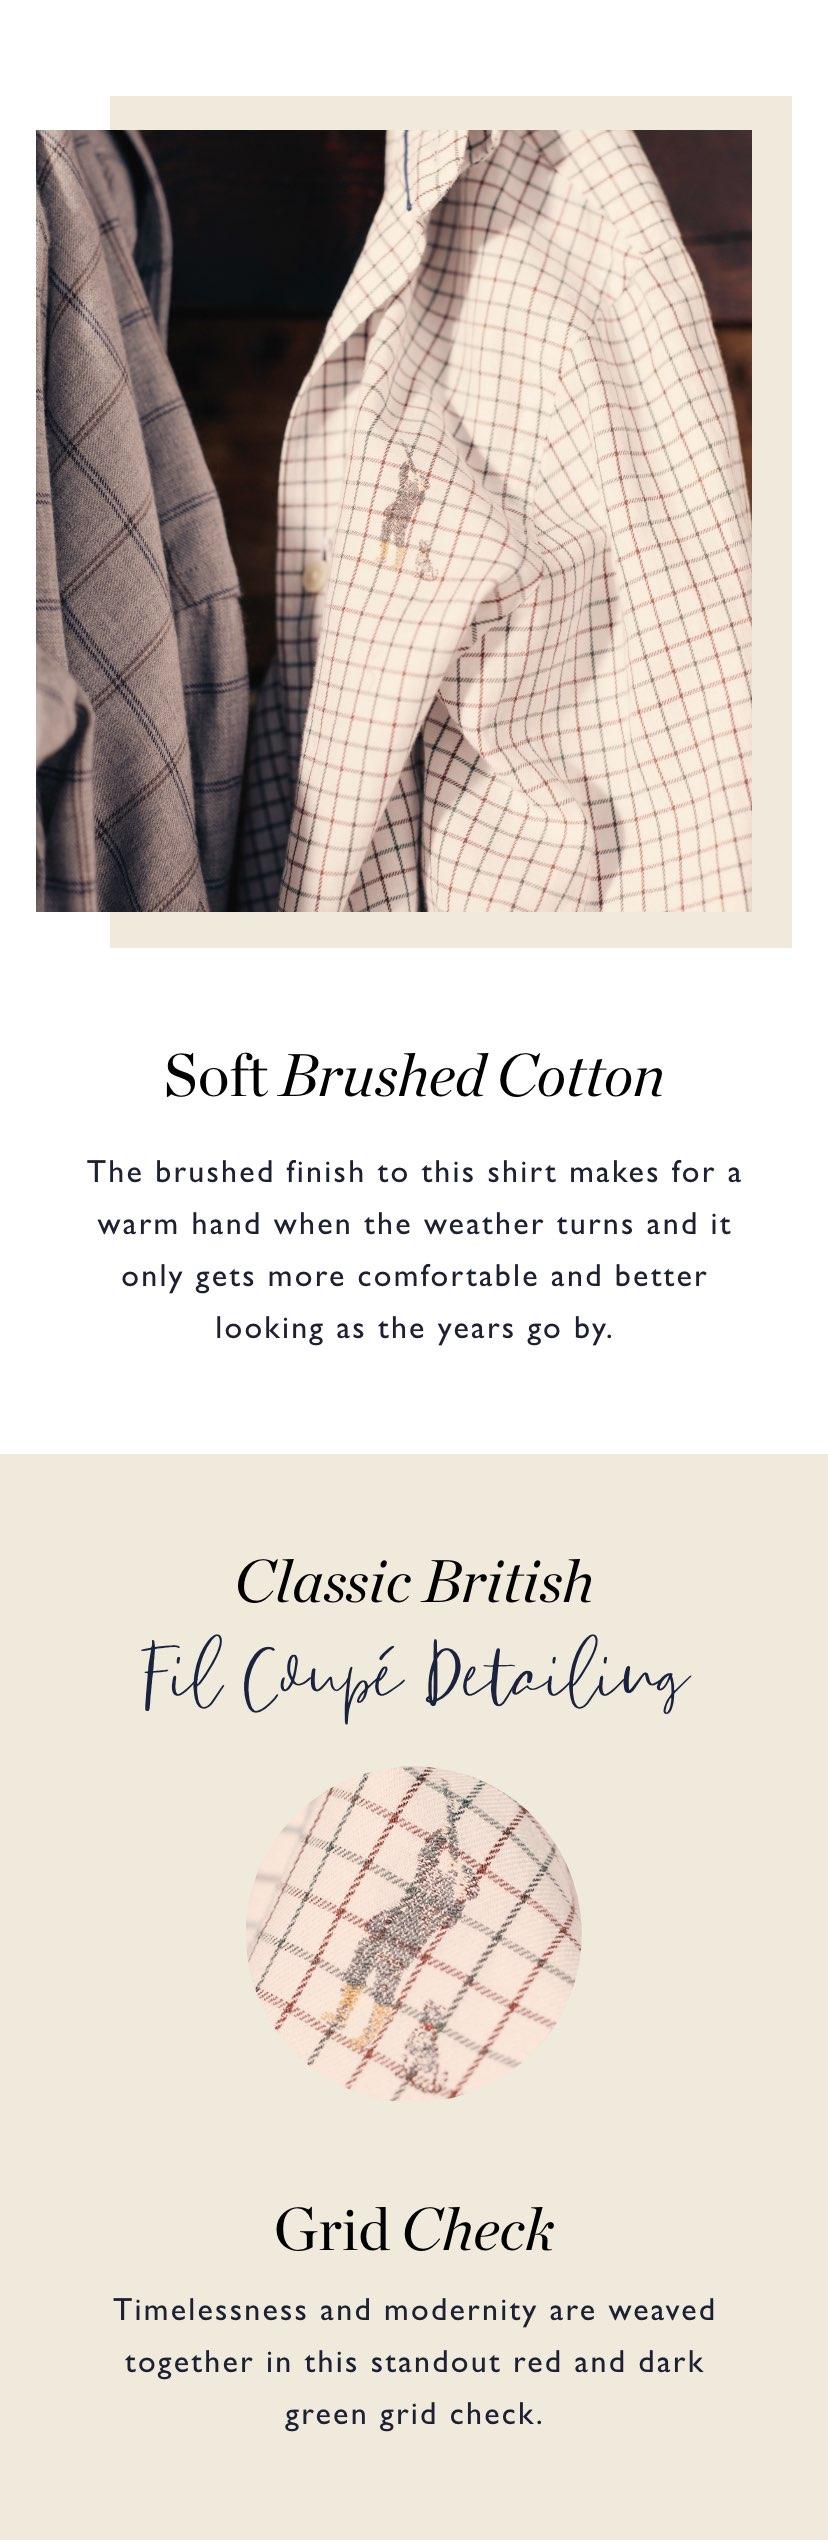 Hackett Classic British Shirt